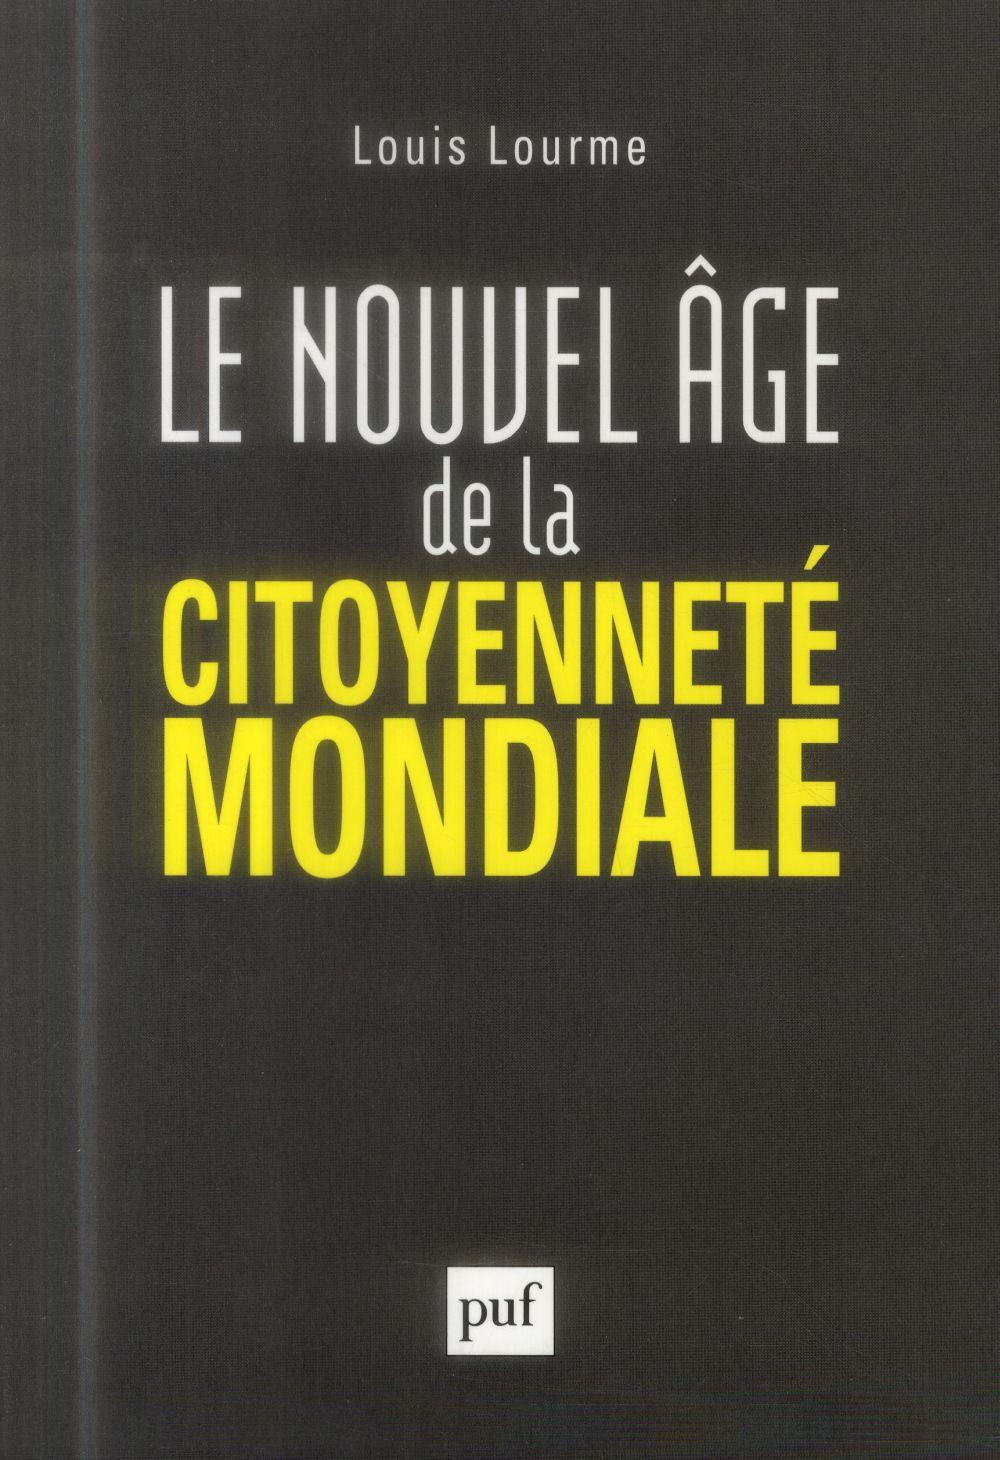 LE NOUVEL AGE DE LA CITOYENNETE MONDIALE